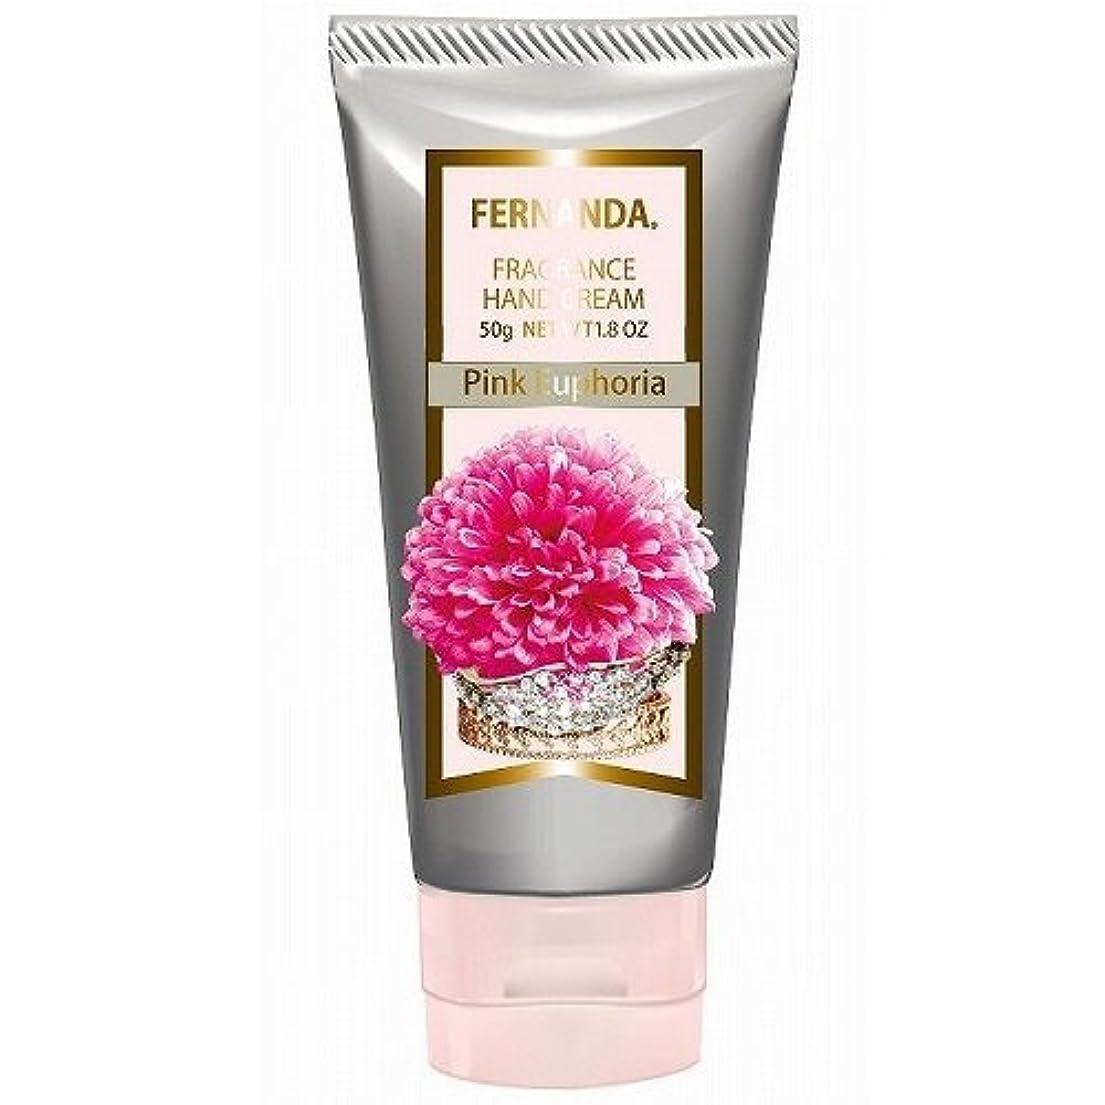 投資するハウジングマリナーFERNANDA(フェルナンダ) Hand Cream Pink Euphoria (ハンドクリーム ピンクエウフォリア)